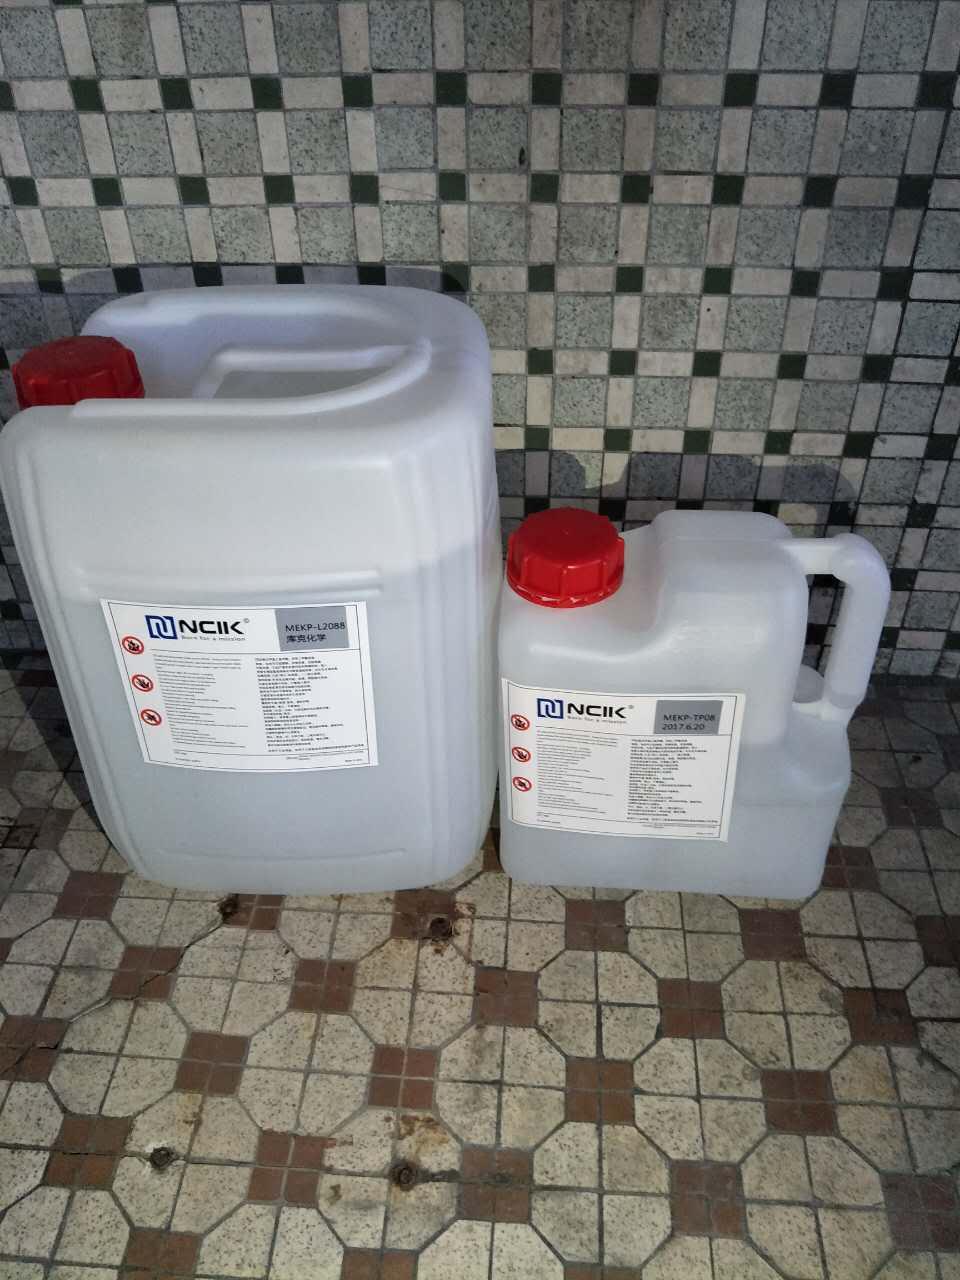 库克过氧化甲乙酮、固化剂、硬化剂、白水(环保型不含邻苯)图片